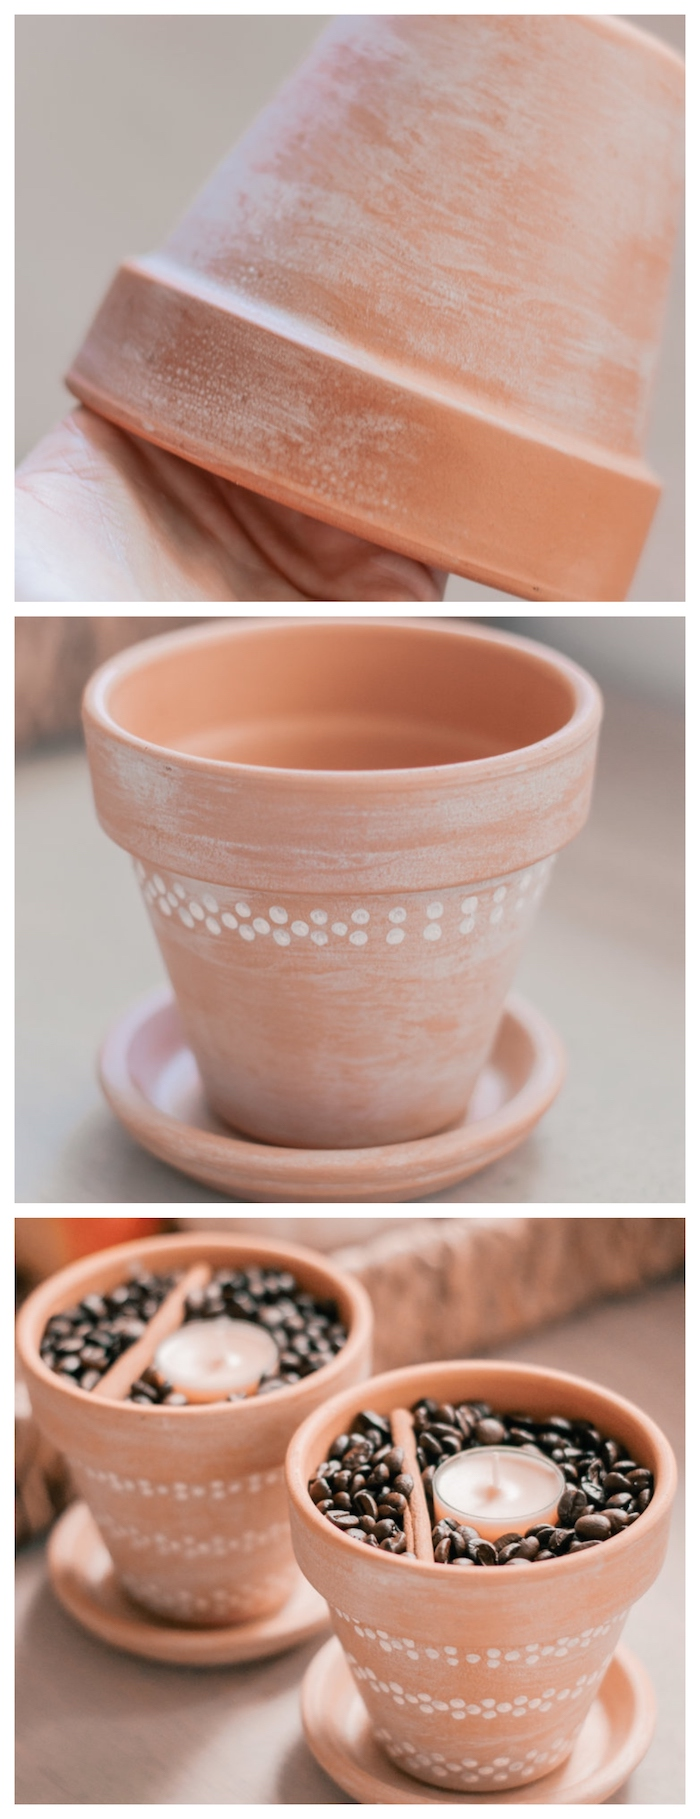 porte bougie diy fabriqué dans un pot de terre cuite recyclé, creation avec des pots de fleurs originale, café, cannelle et bougie